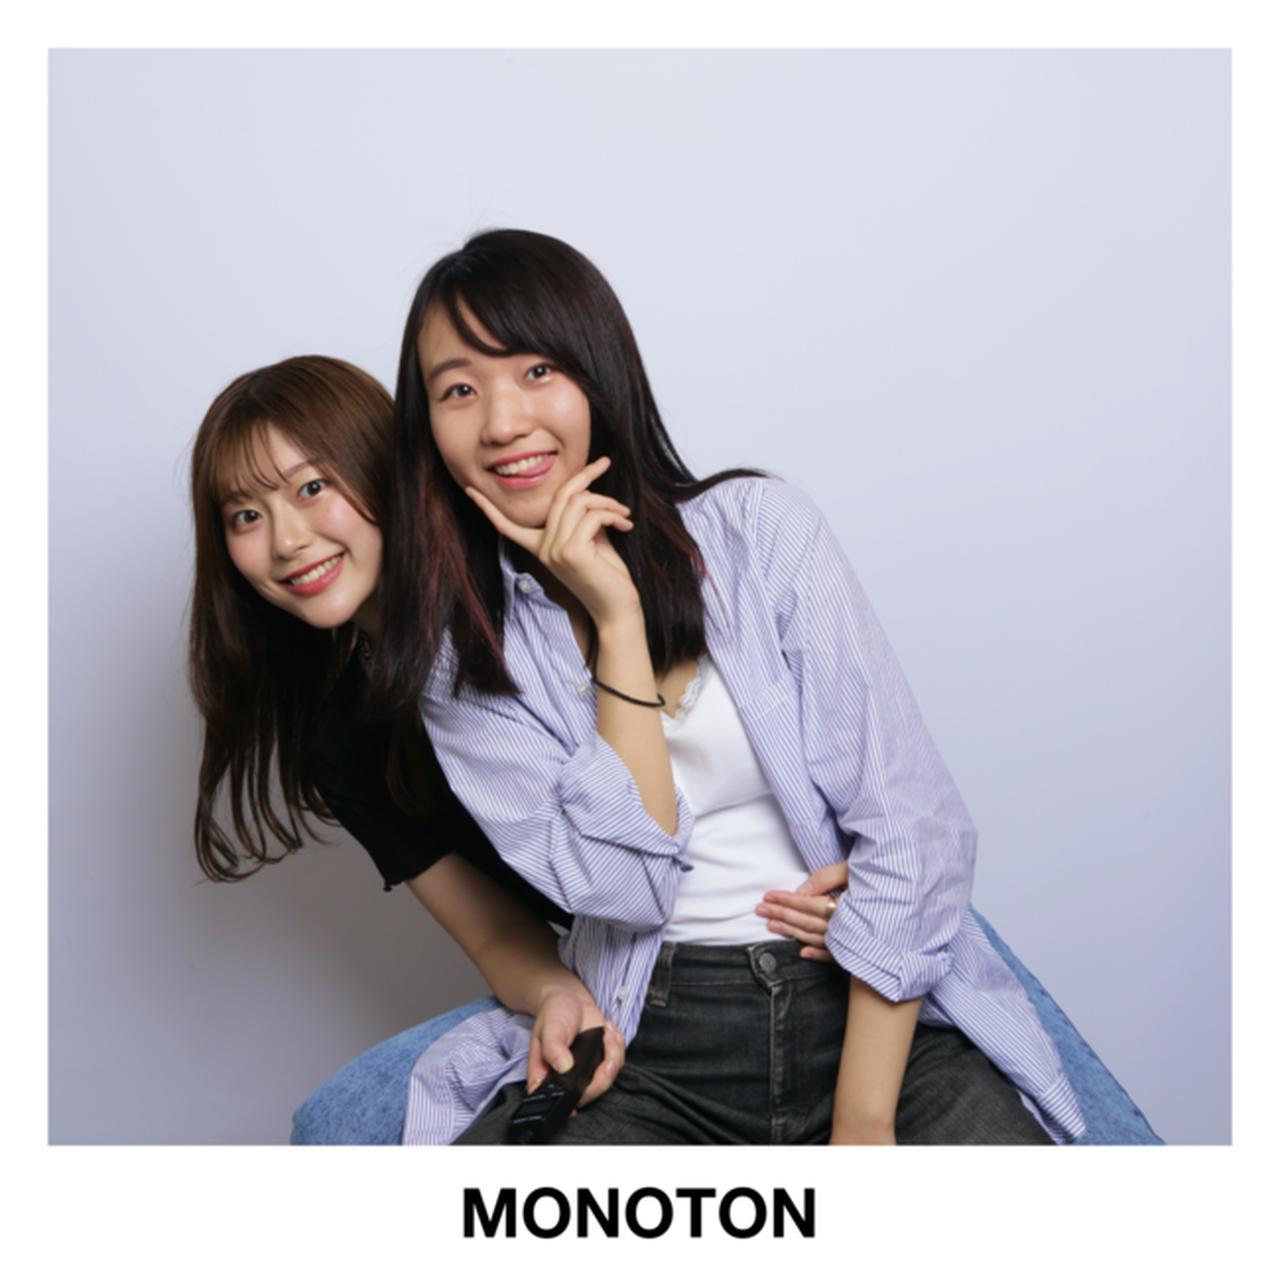 """画像2: 韓国で大流行!自分らしさを映し出すSNSで話題の""""モノクロセルフ写真館""""「MONOTON(モノトン)」が表参道にオープン!"""